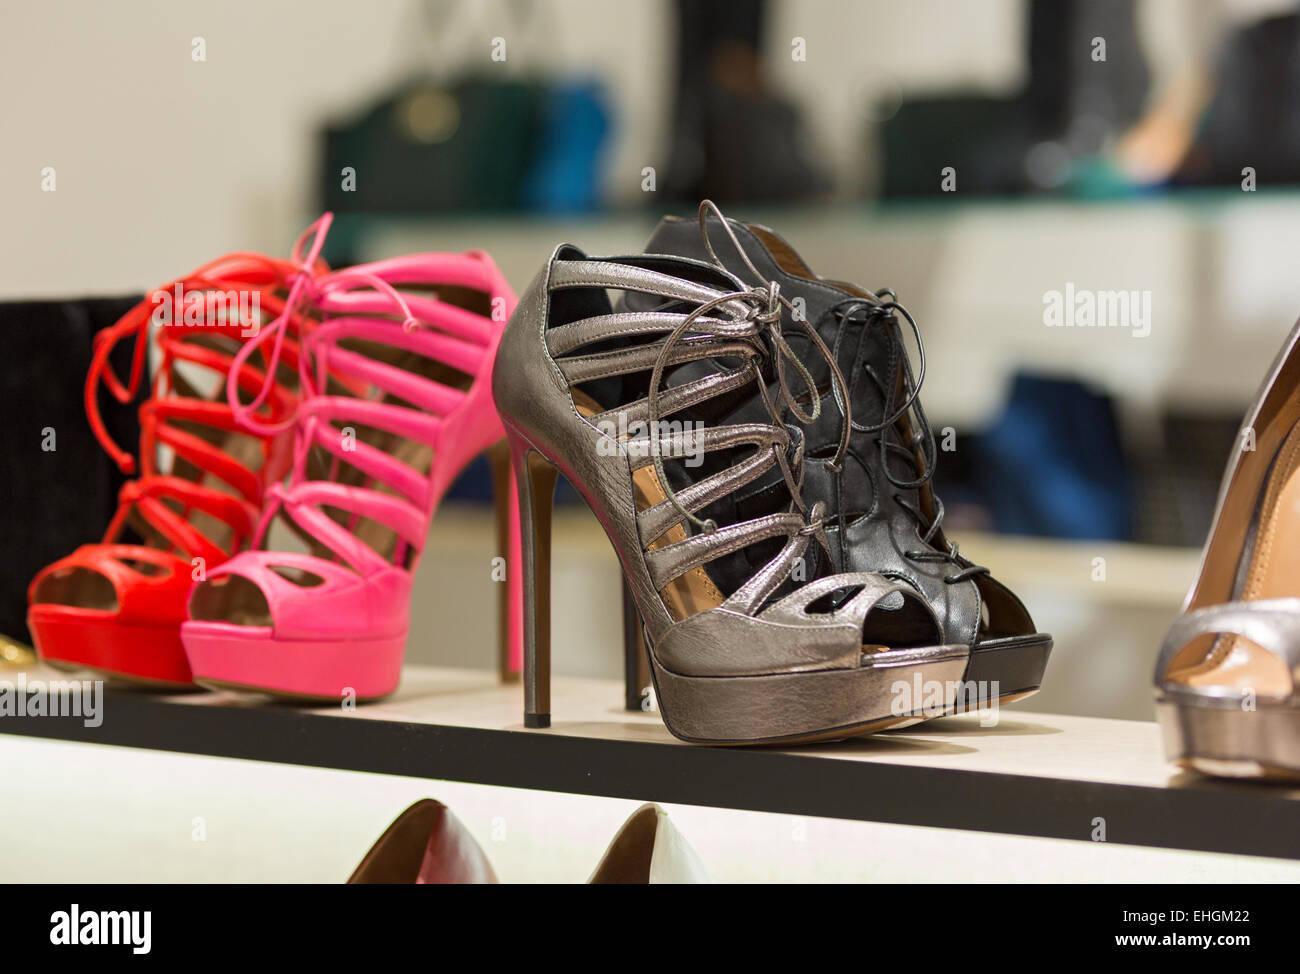 Accessoires Boutique De ChaussuresSacs La Et Mode Pour Femmes vmNw8n0